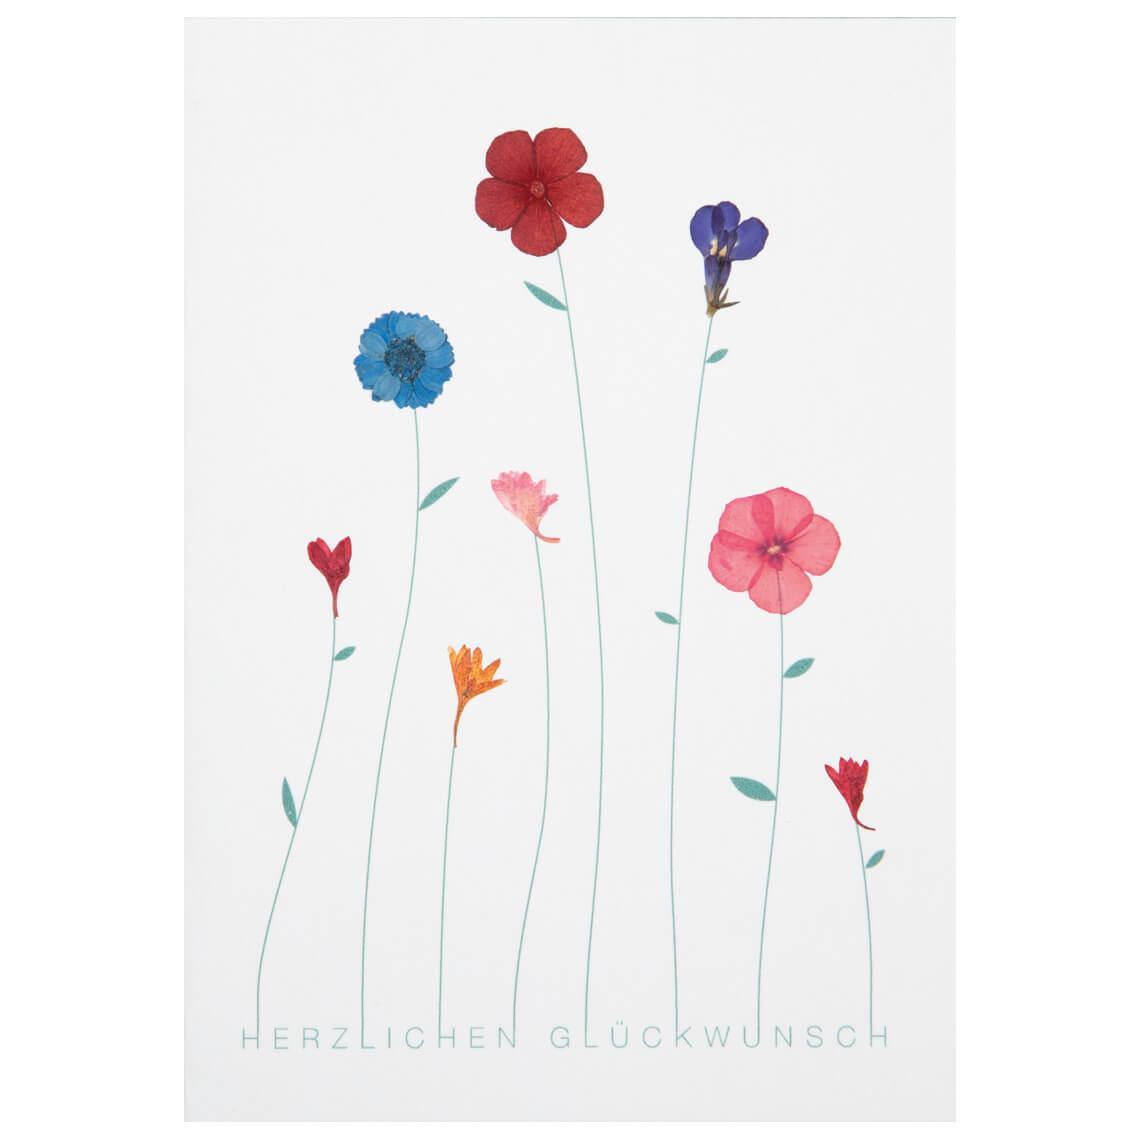 """Geburtstagskarte -  """"Herzlichen Glückwunsch"""" - räder"""